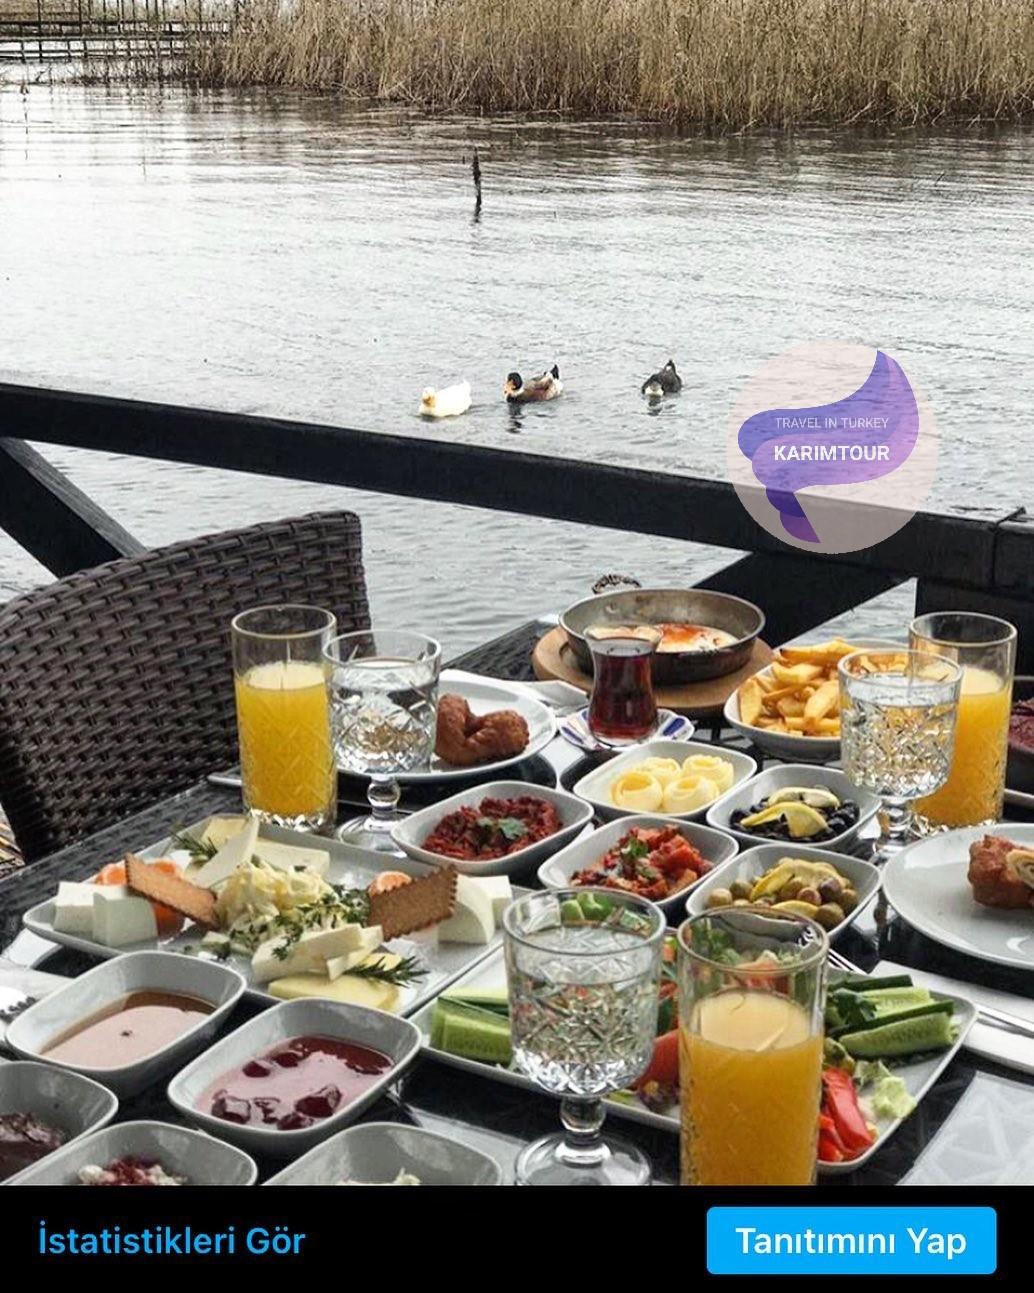 الافطار على مطعم بحيرة سبانجا